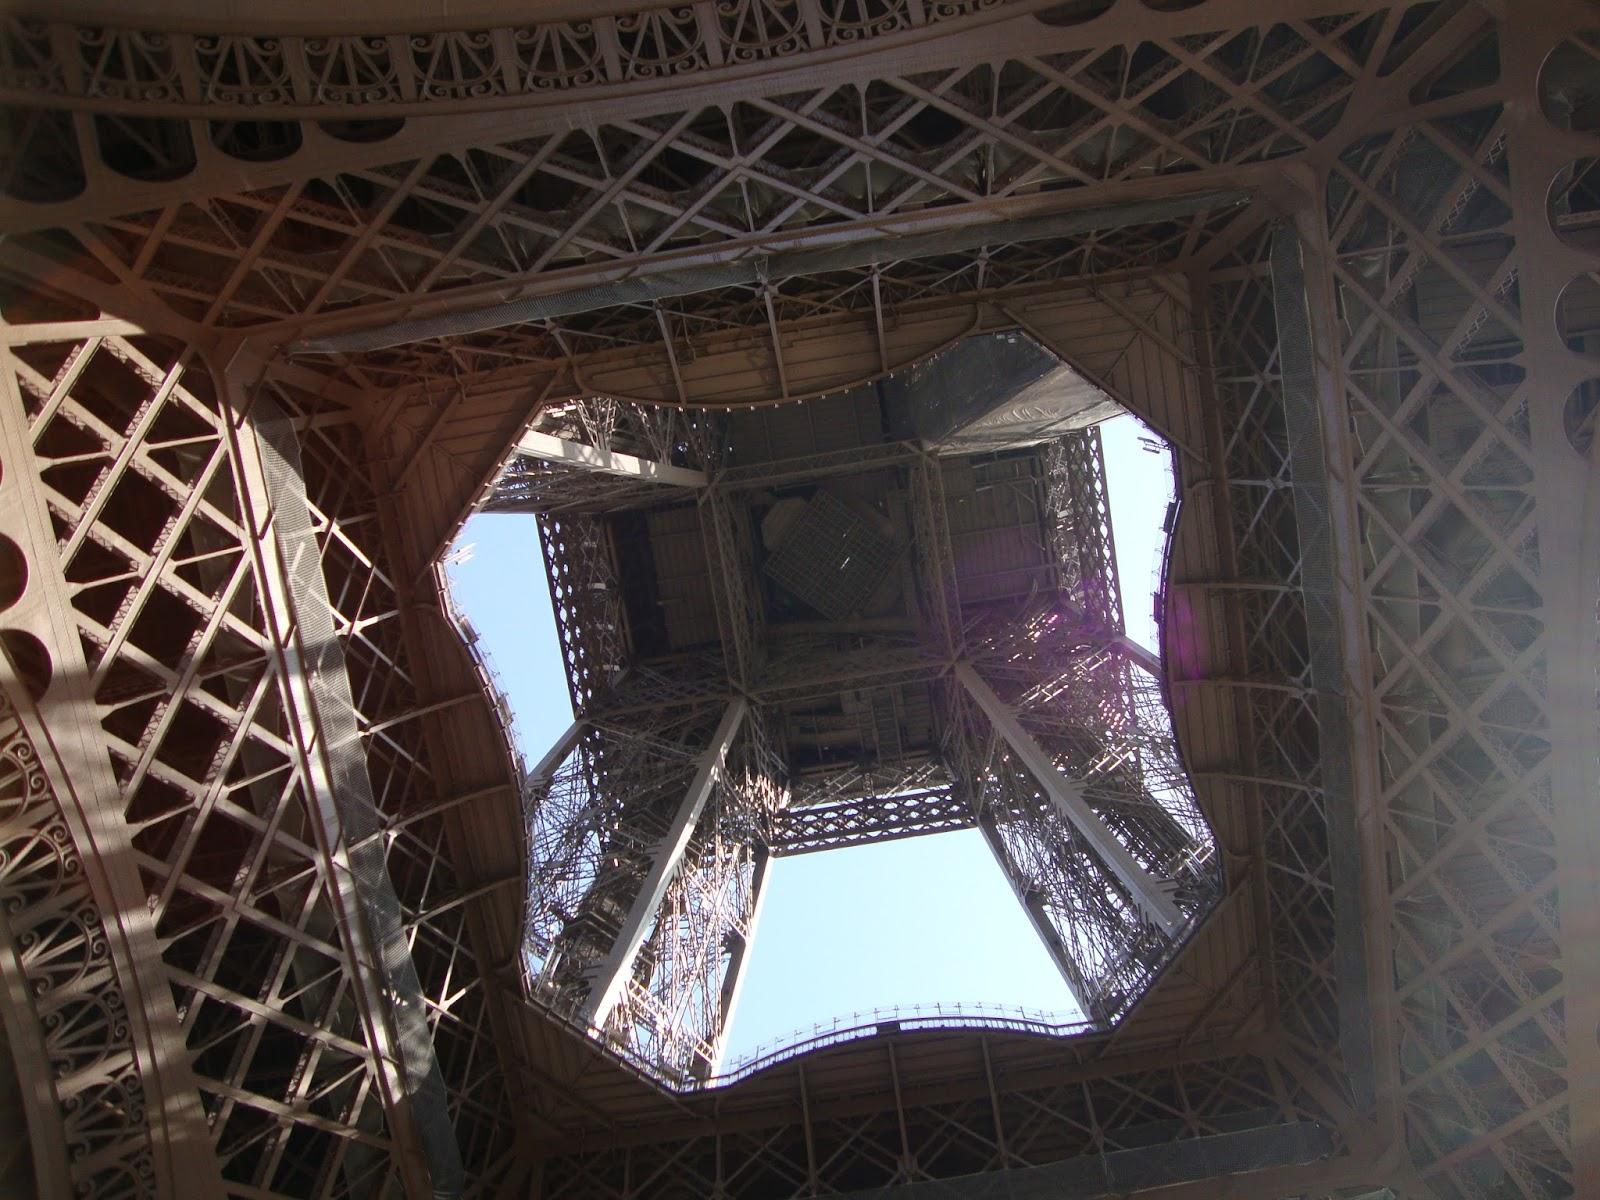 Historia y genealog a la torre eiffel par s for Creador de la torre eiffel